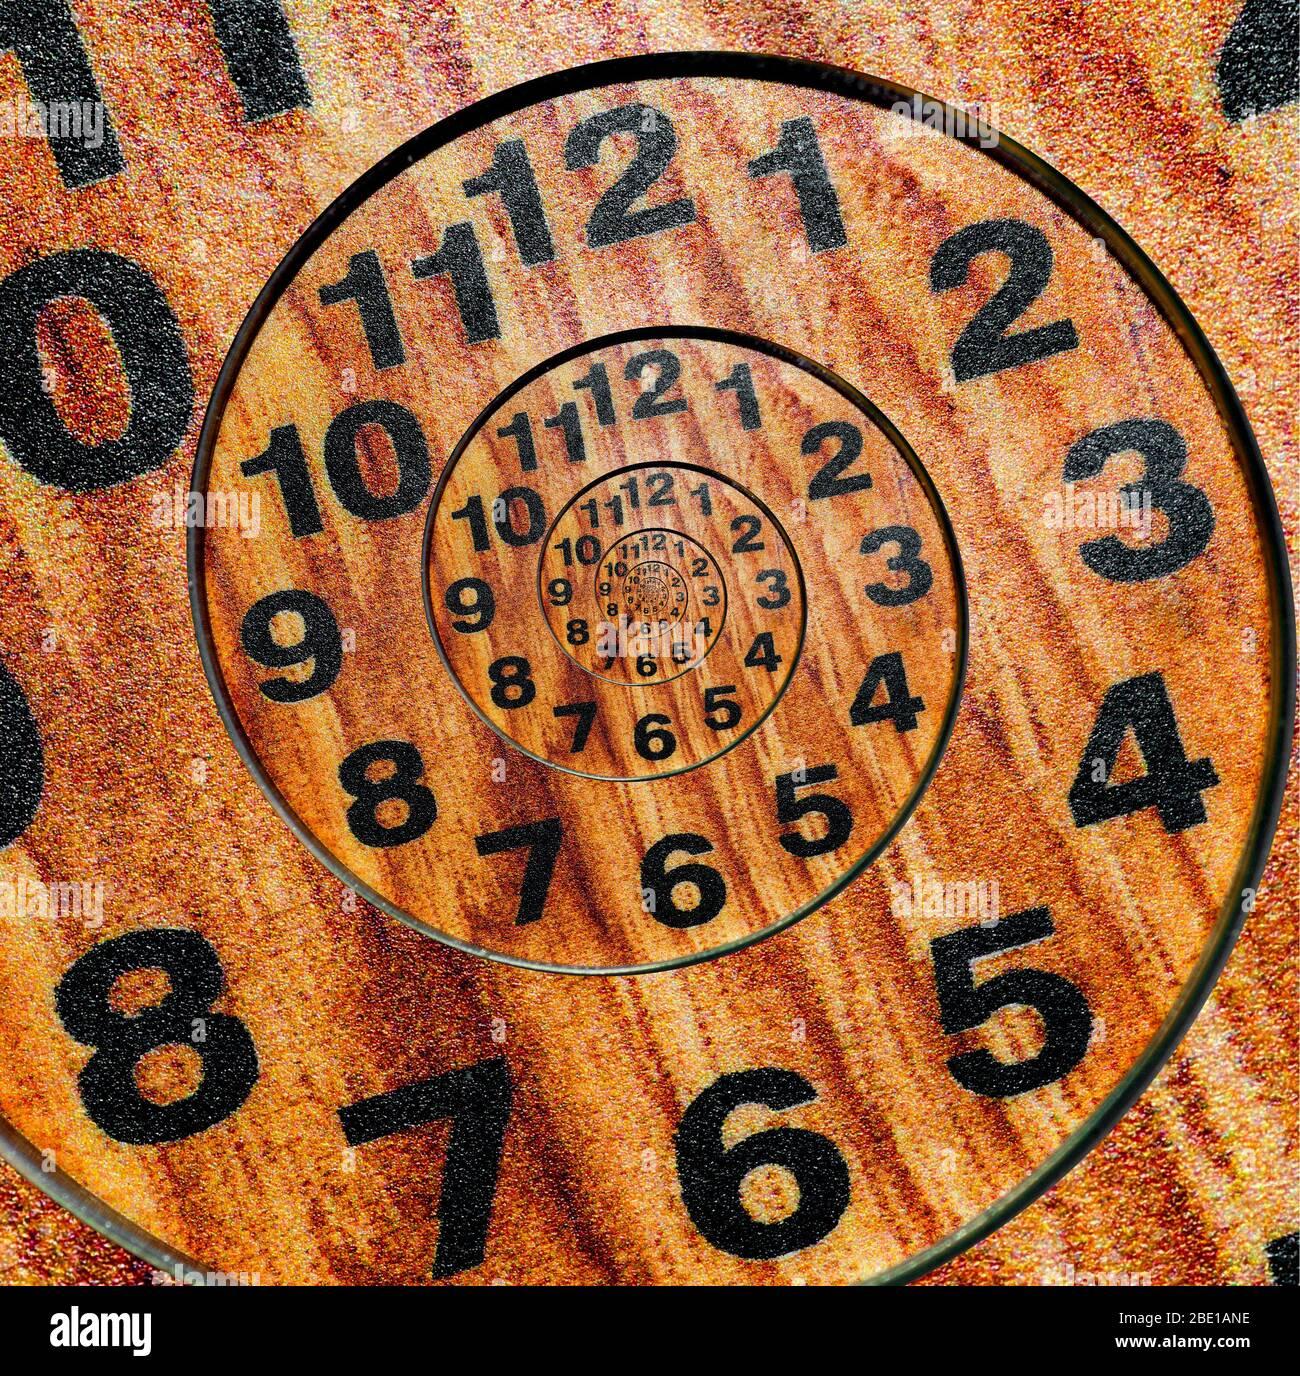 Reloj de madera infinito con curvas espirales interminables. Ciclos de tiempo. Foto de stock